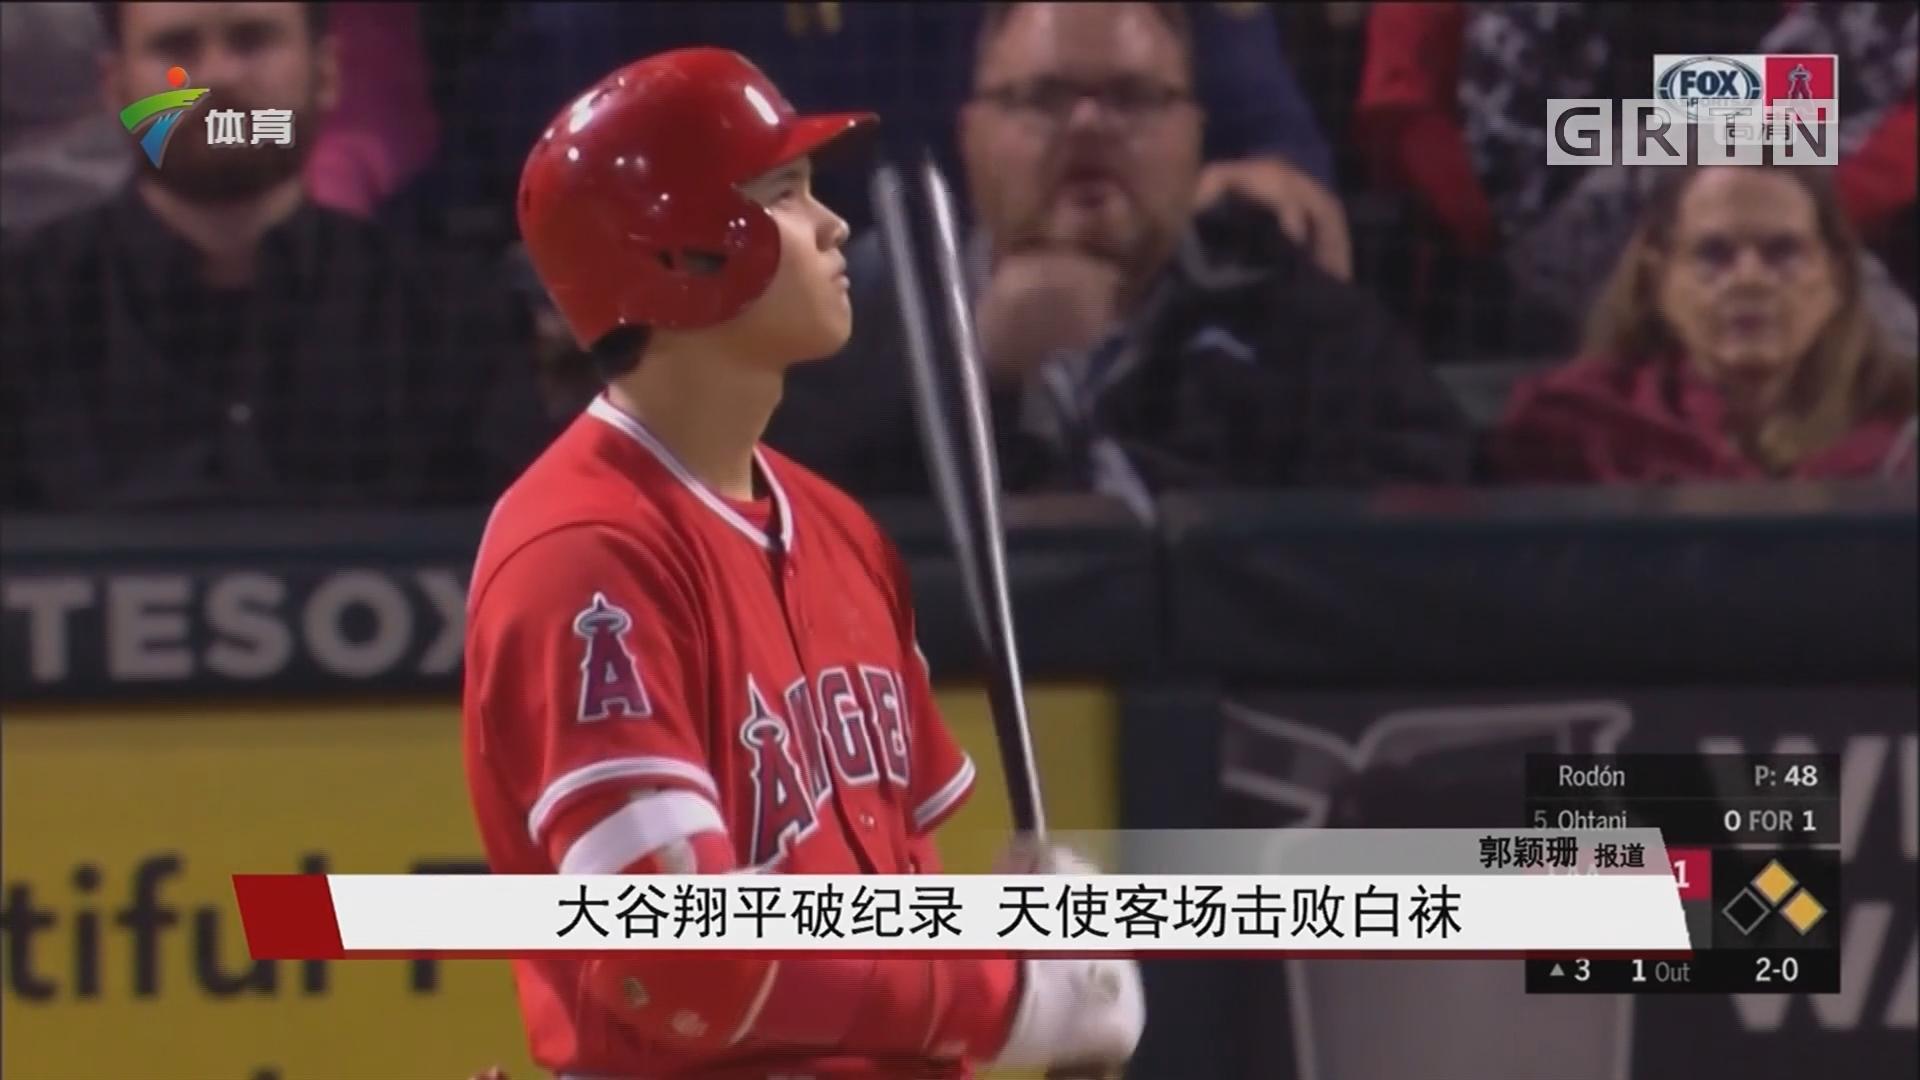 大谷翔平破纪录 天使客场击败白袜